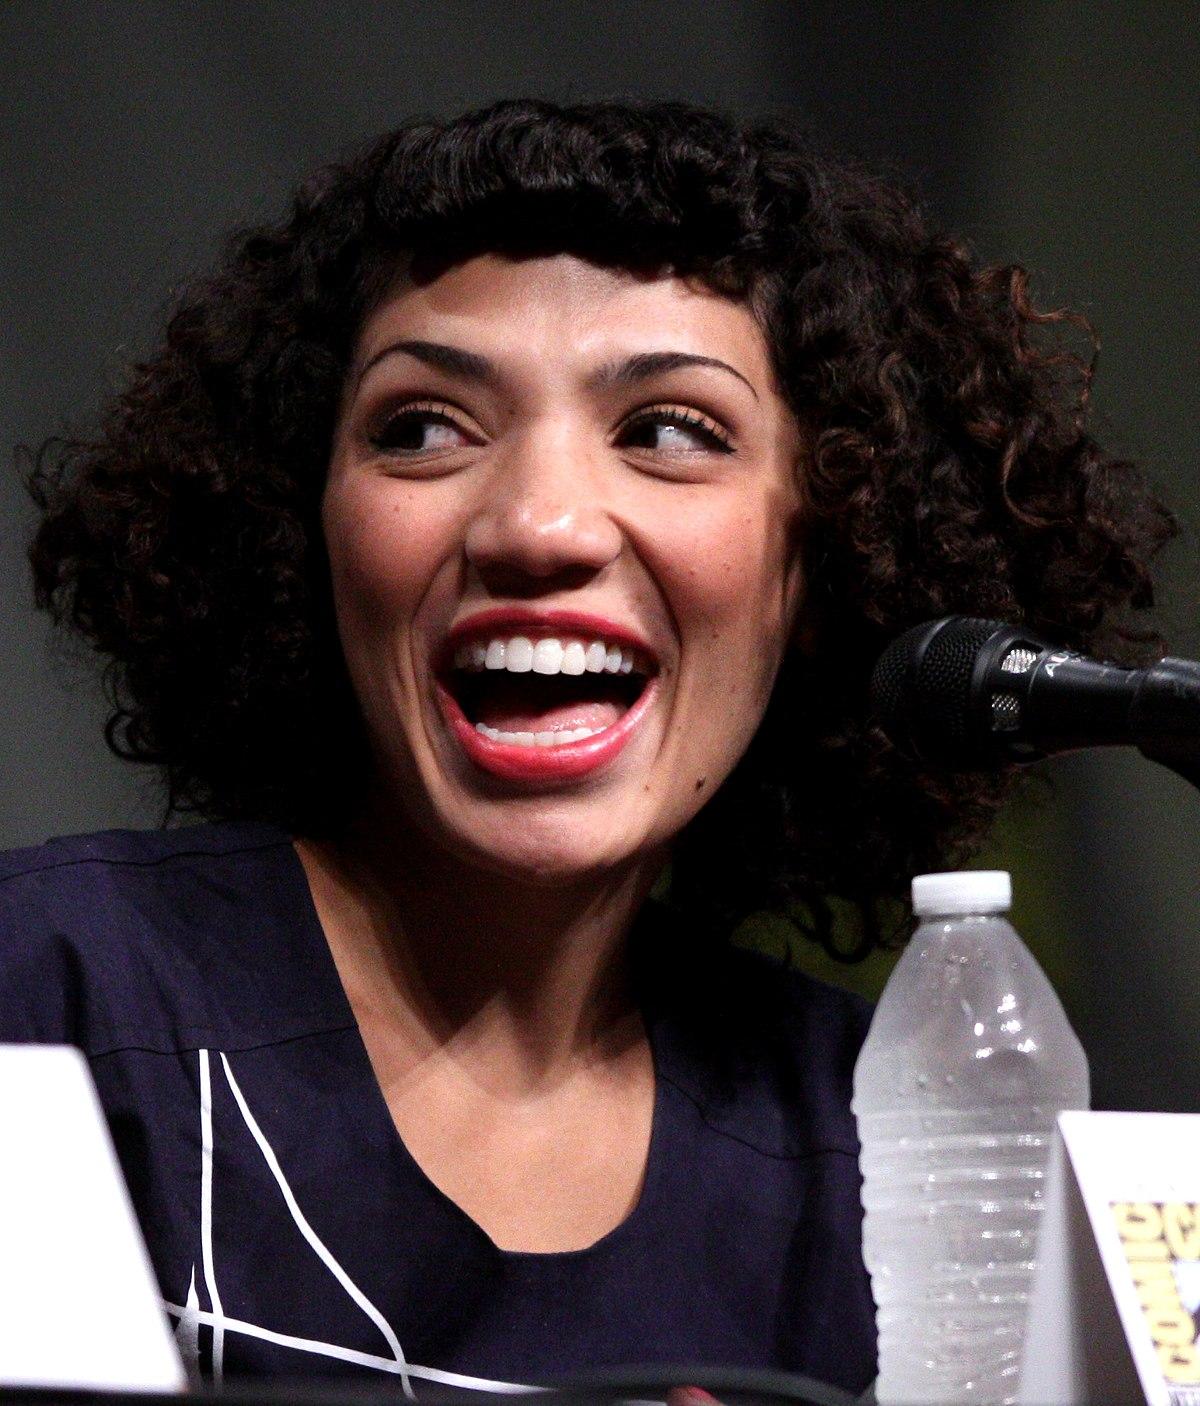 Jasika Nicole - Wikipedia